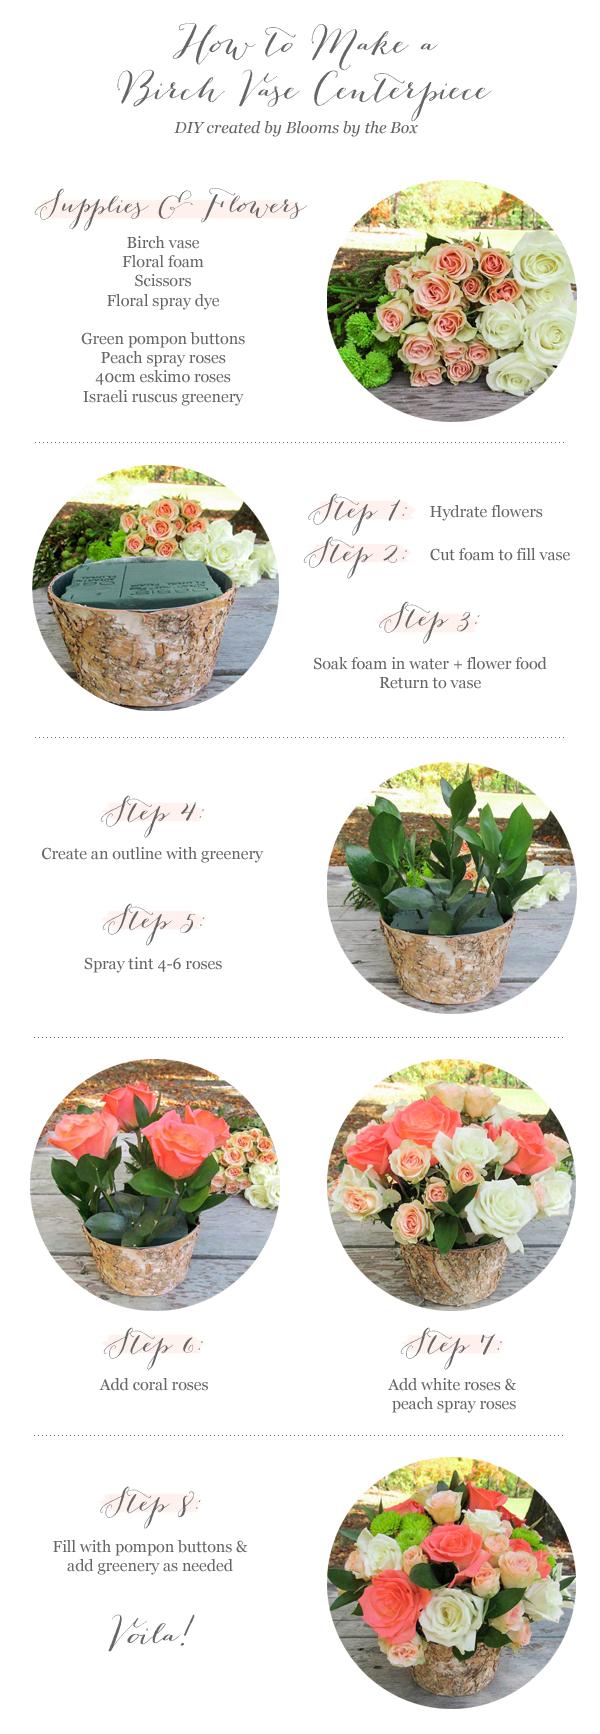 DIY-Birch-Vase-Centerpiece